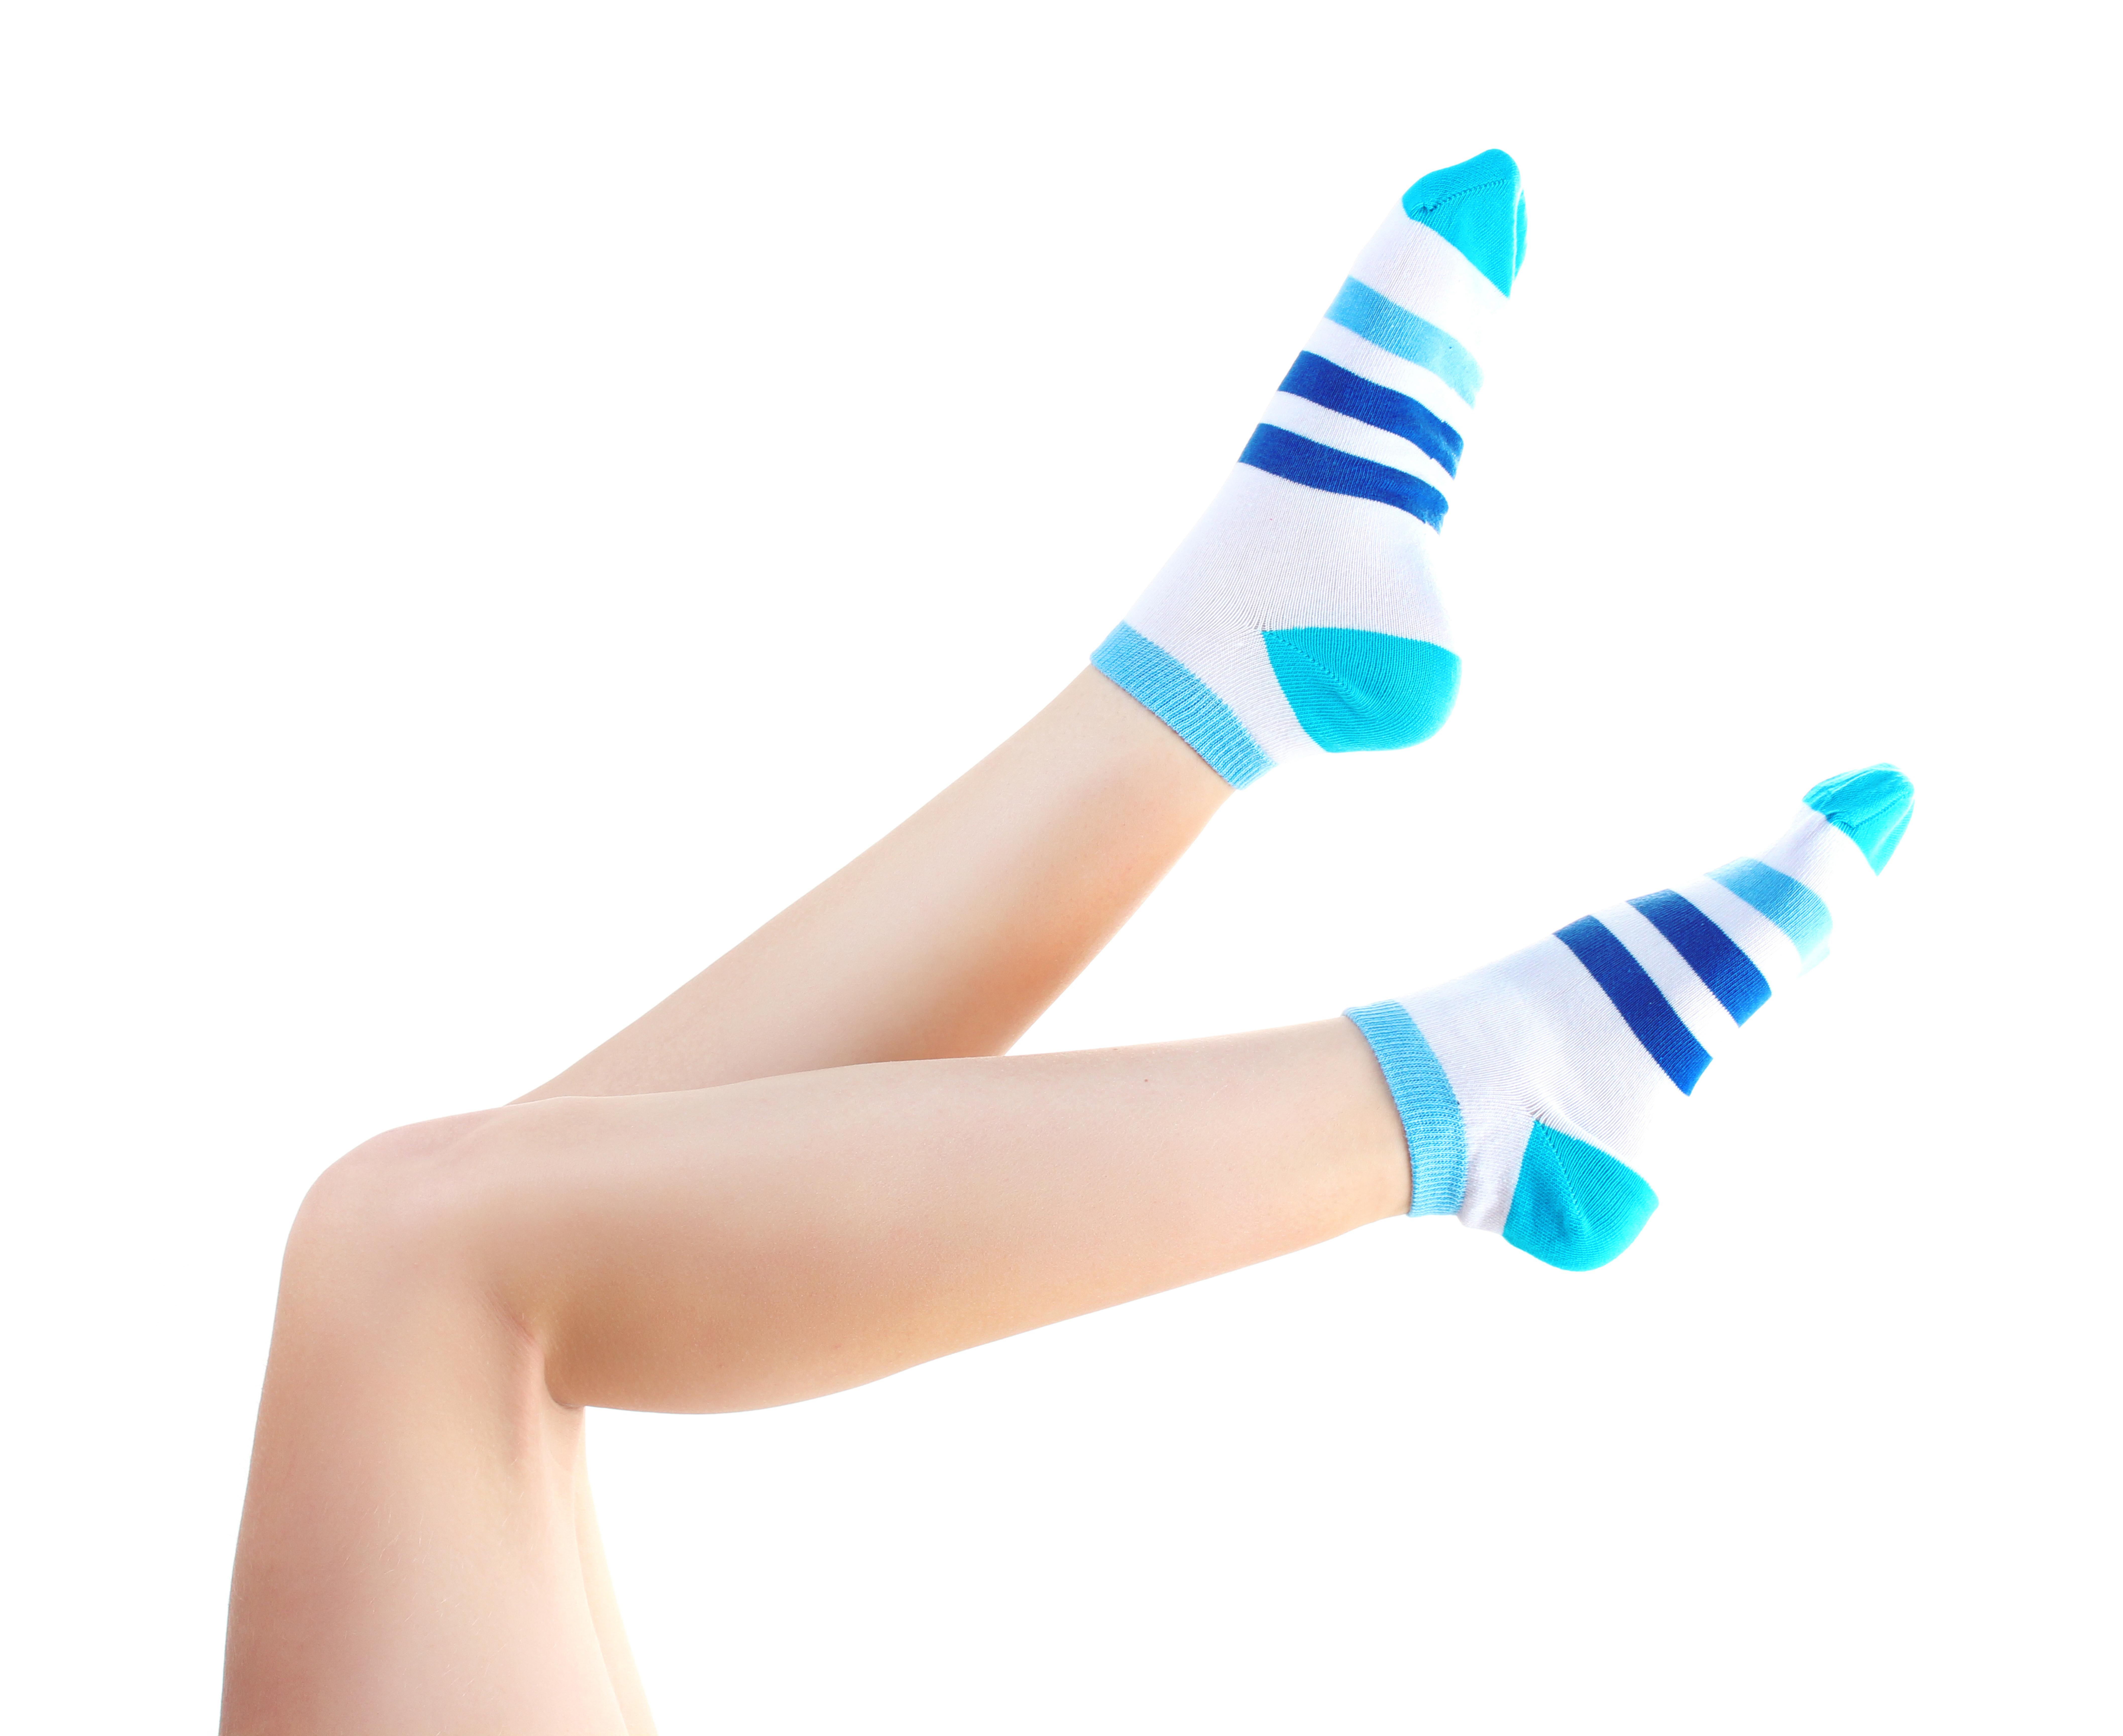 For her socks